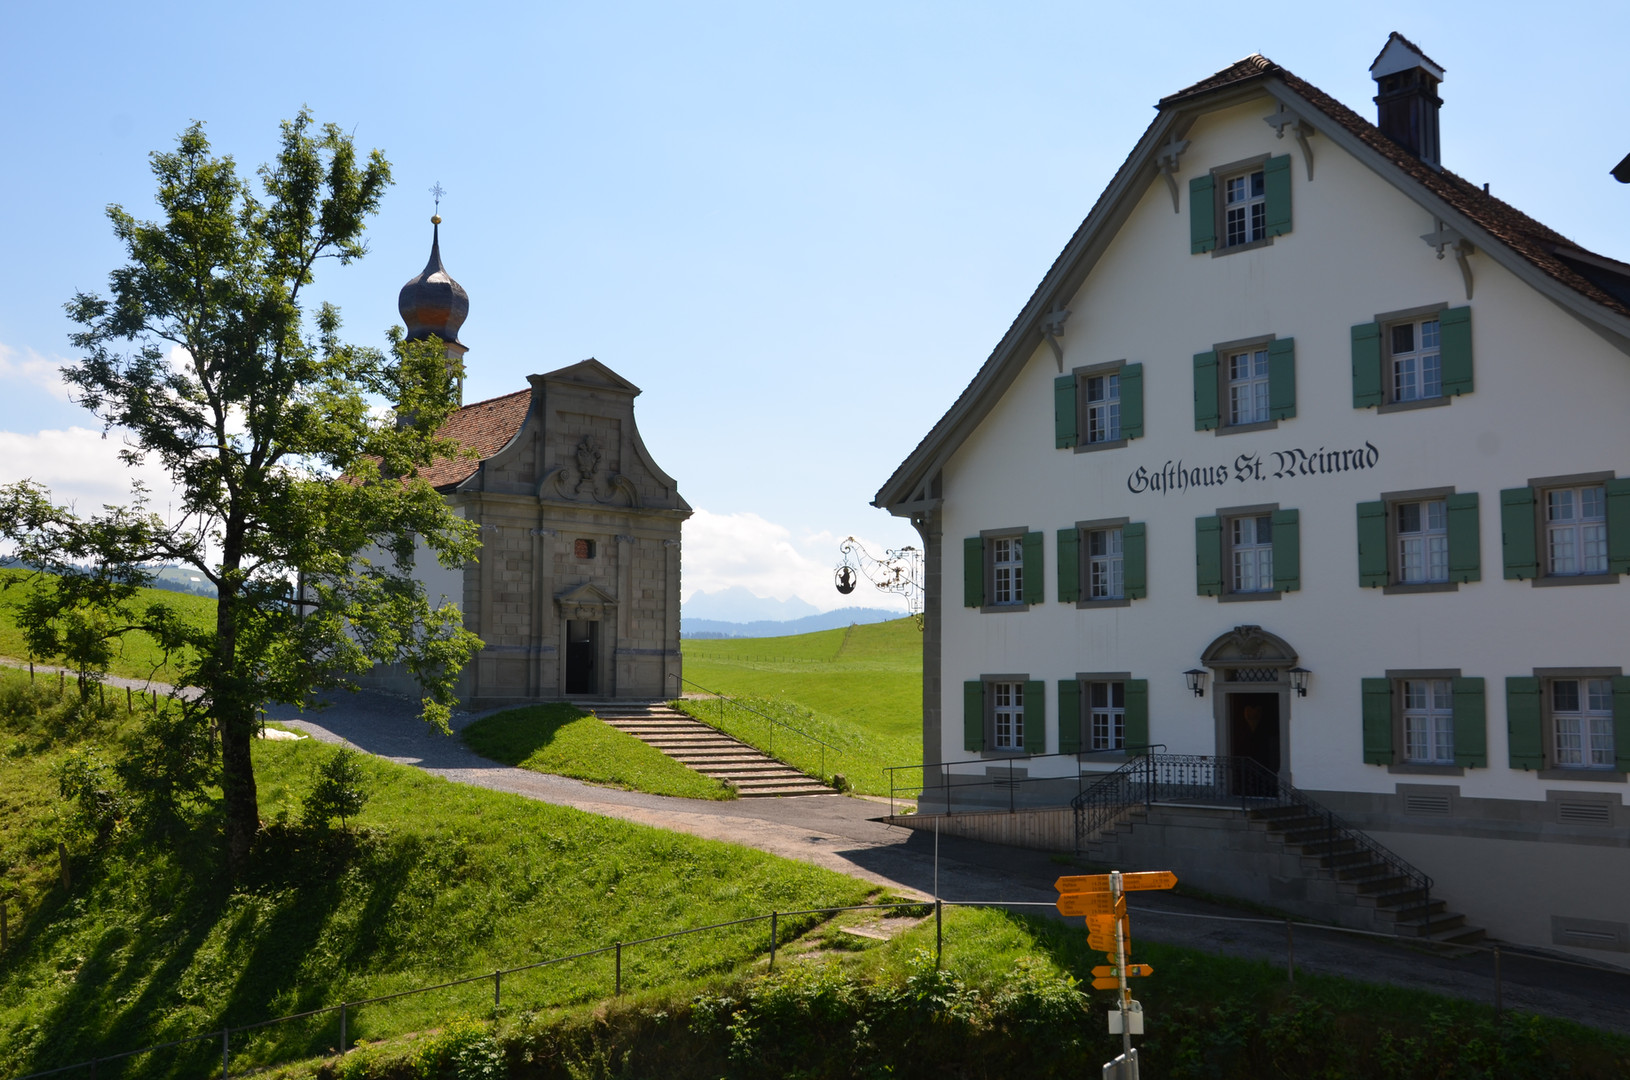 Kapelle und Gasthaus St. Meinrad